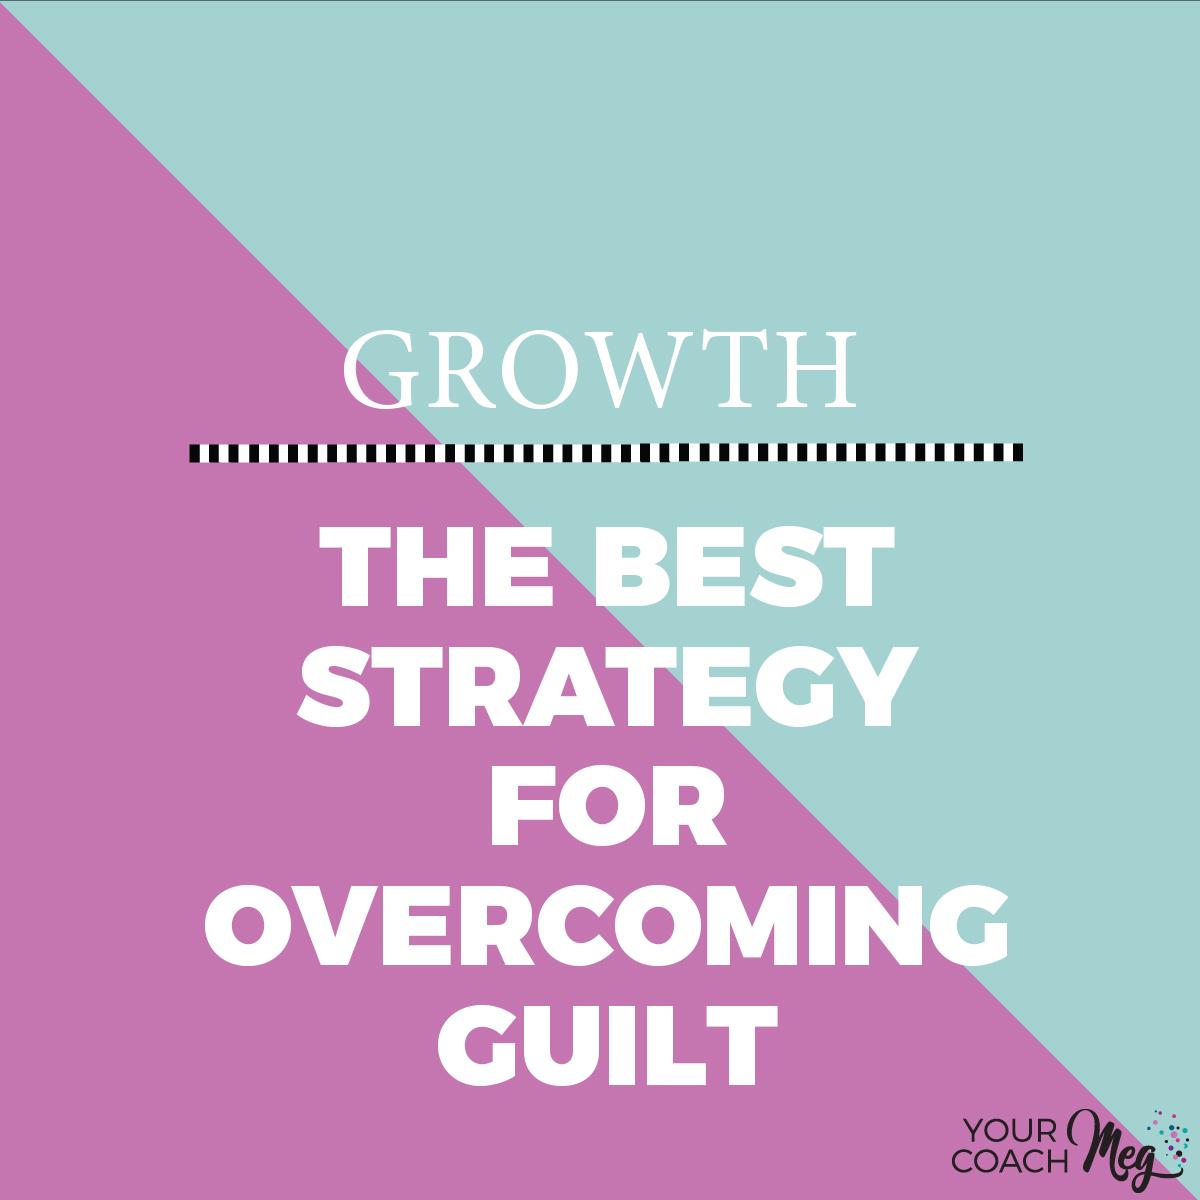 OVERCOMING GUILT.jpg